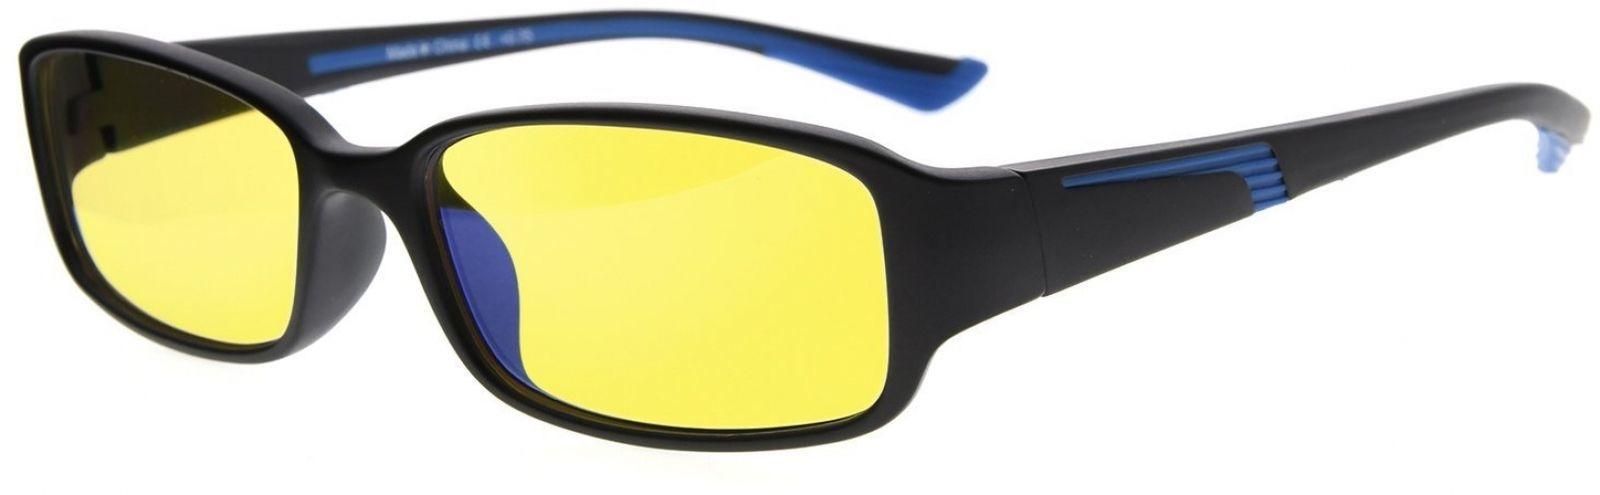 6f0e3322ef4 Eyekepper Anti Blue Light More Than 94% and 50 similar items. S l1600